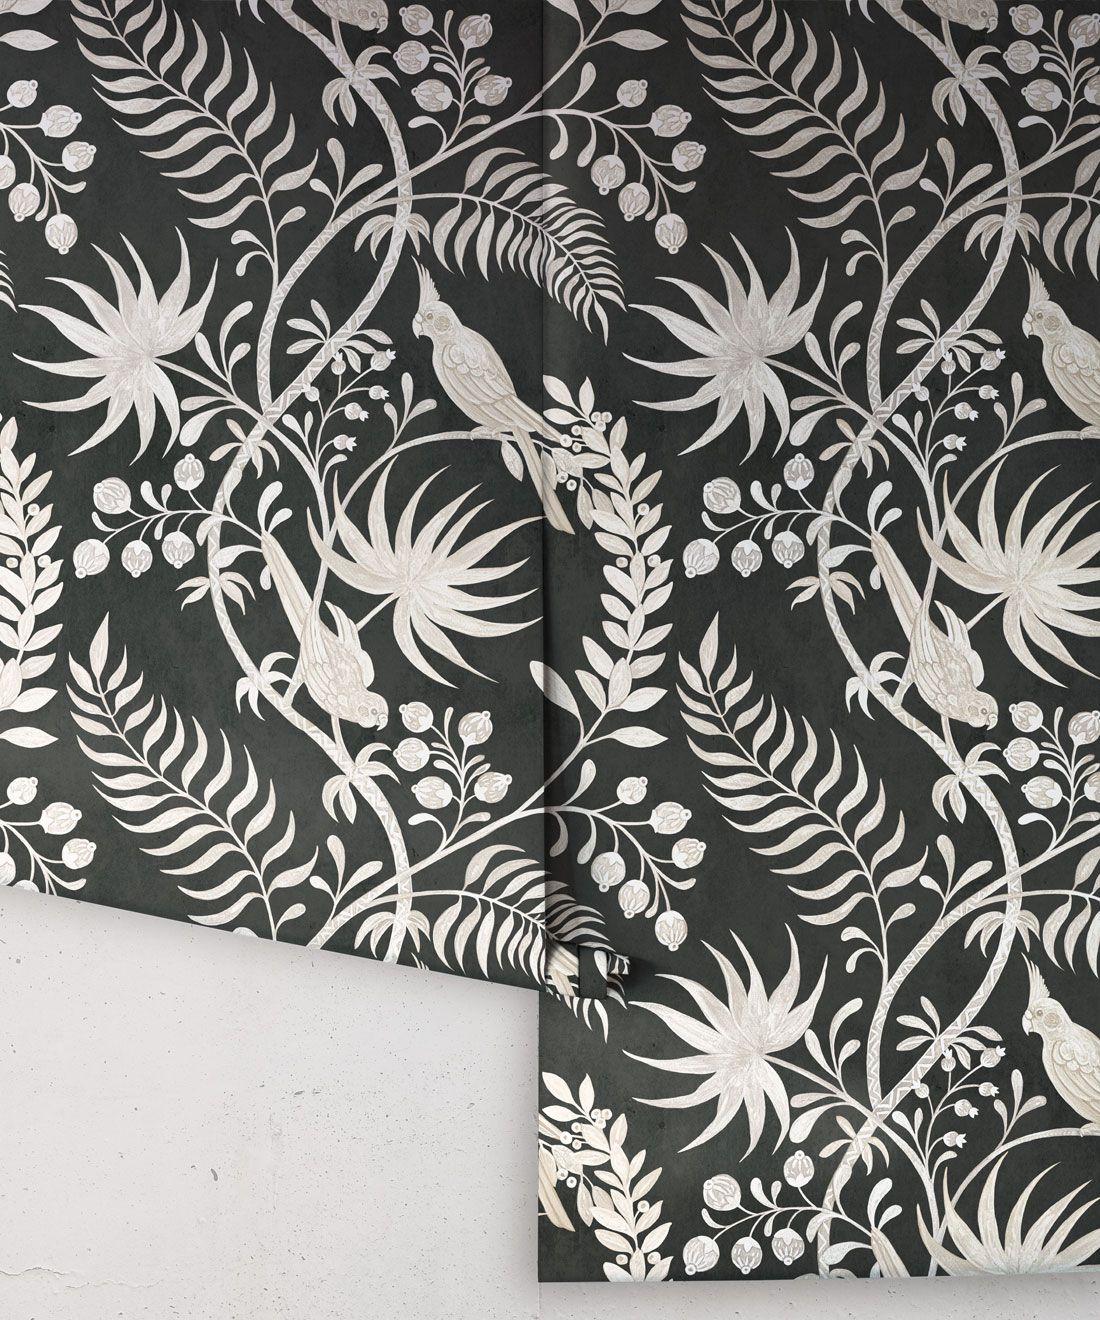 Tropicana Wallpaper • Charcoal • Rolls